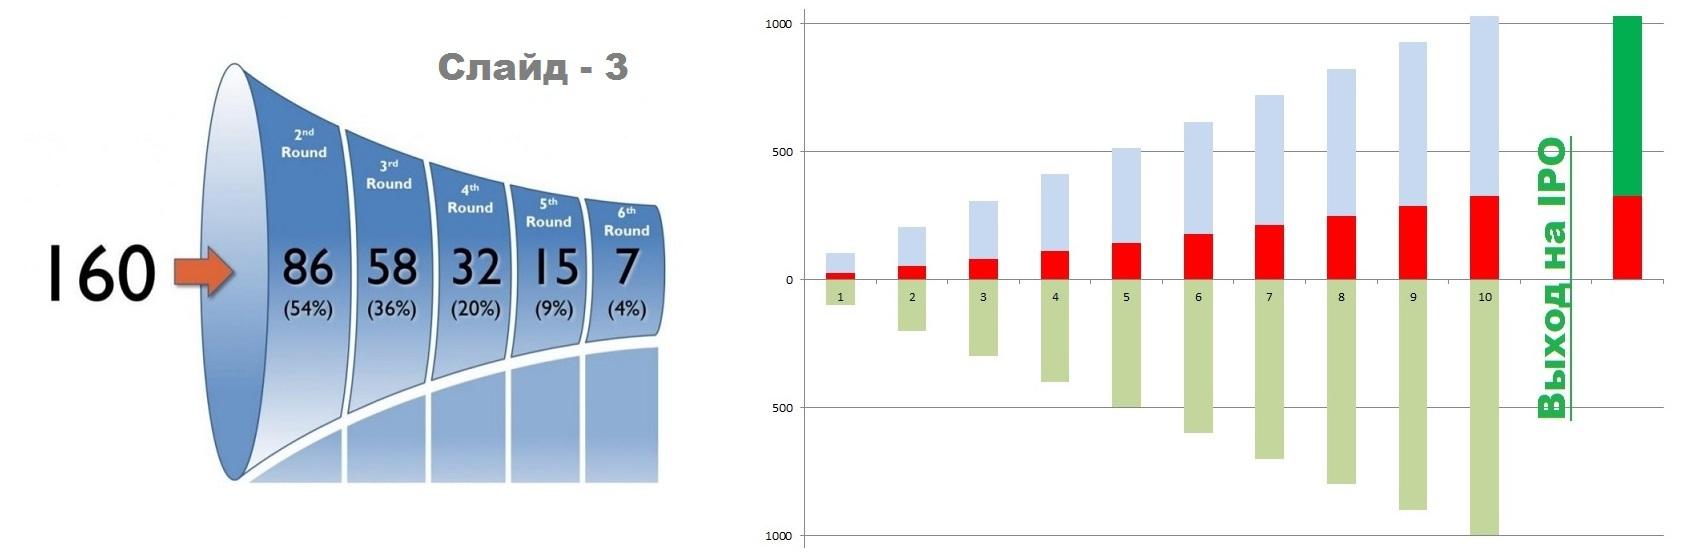 Стартап — один из возможных сценариев развития проекта - 10